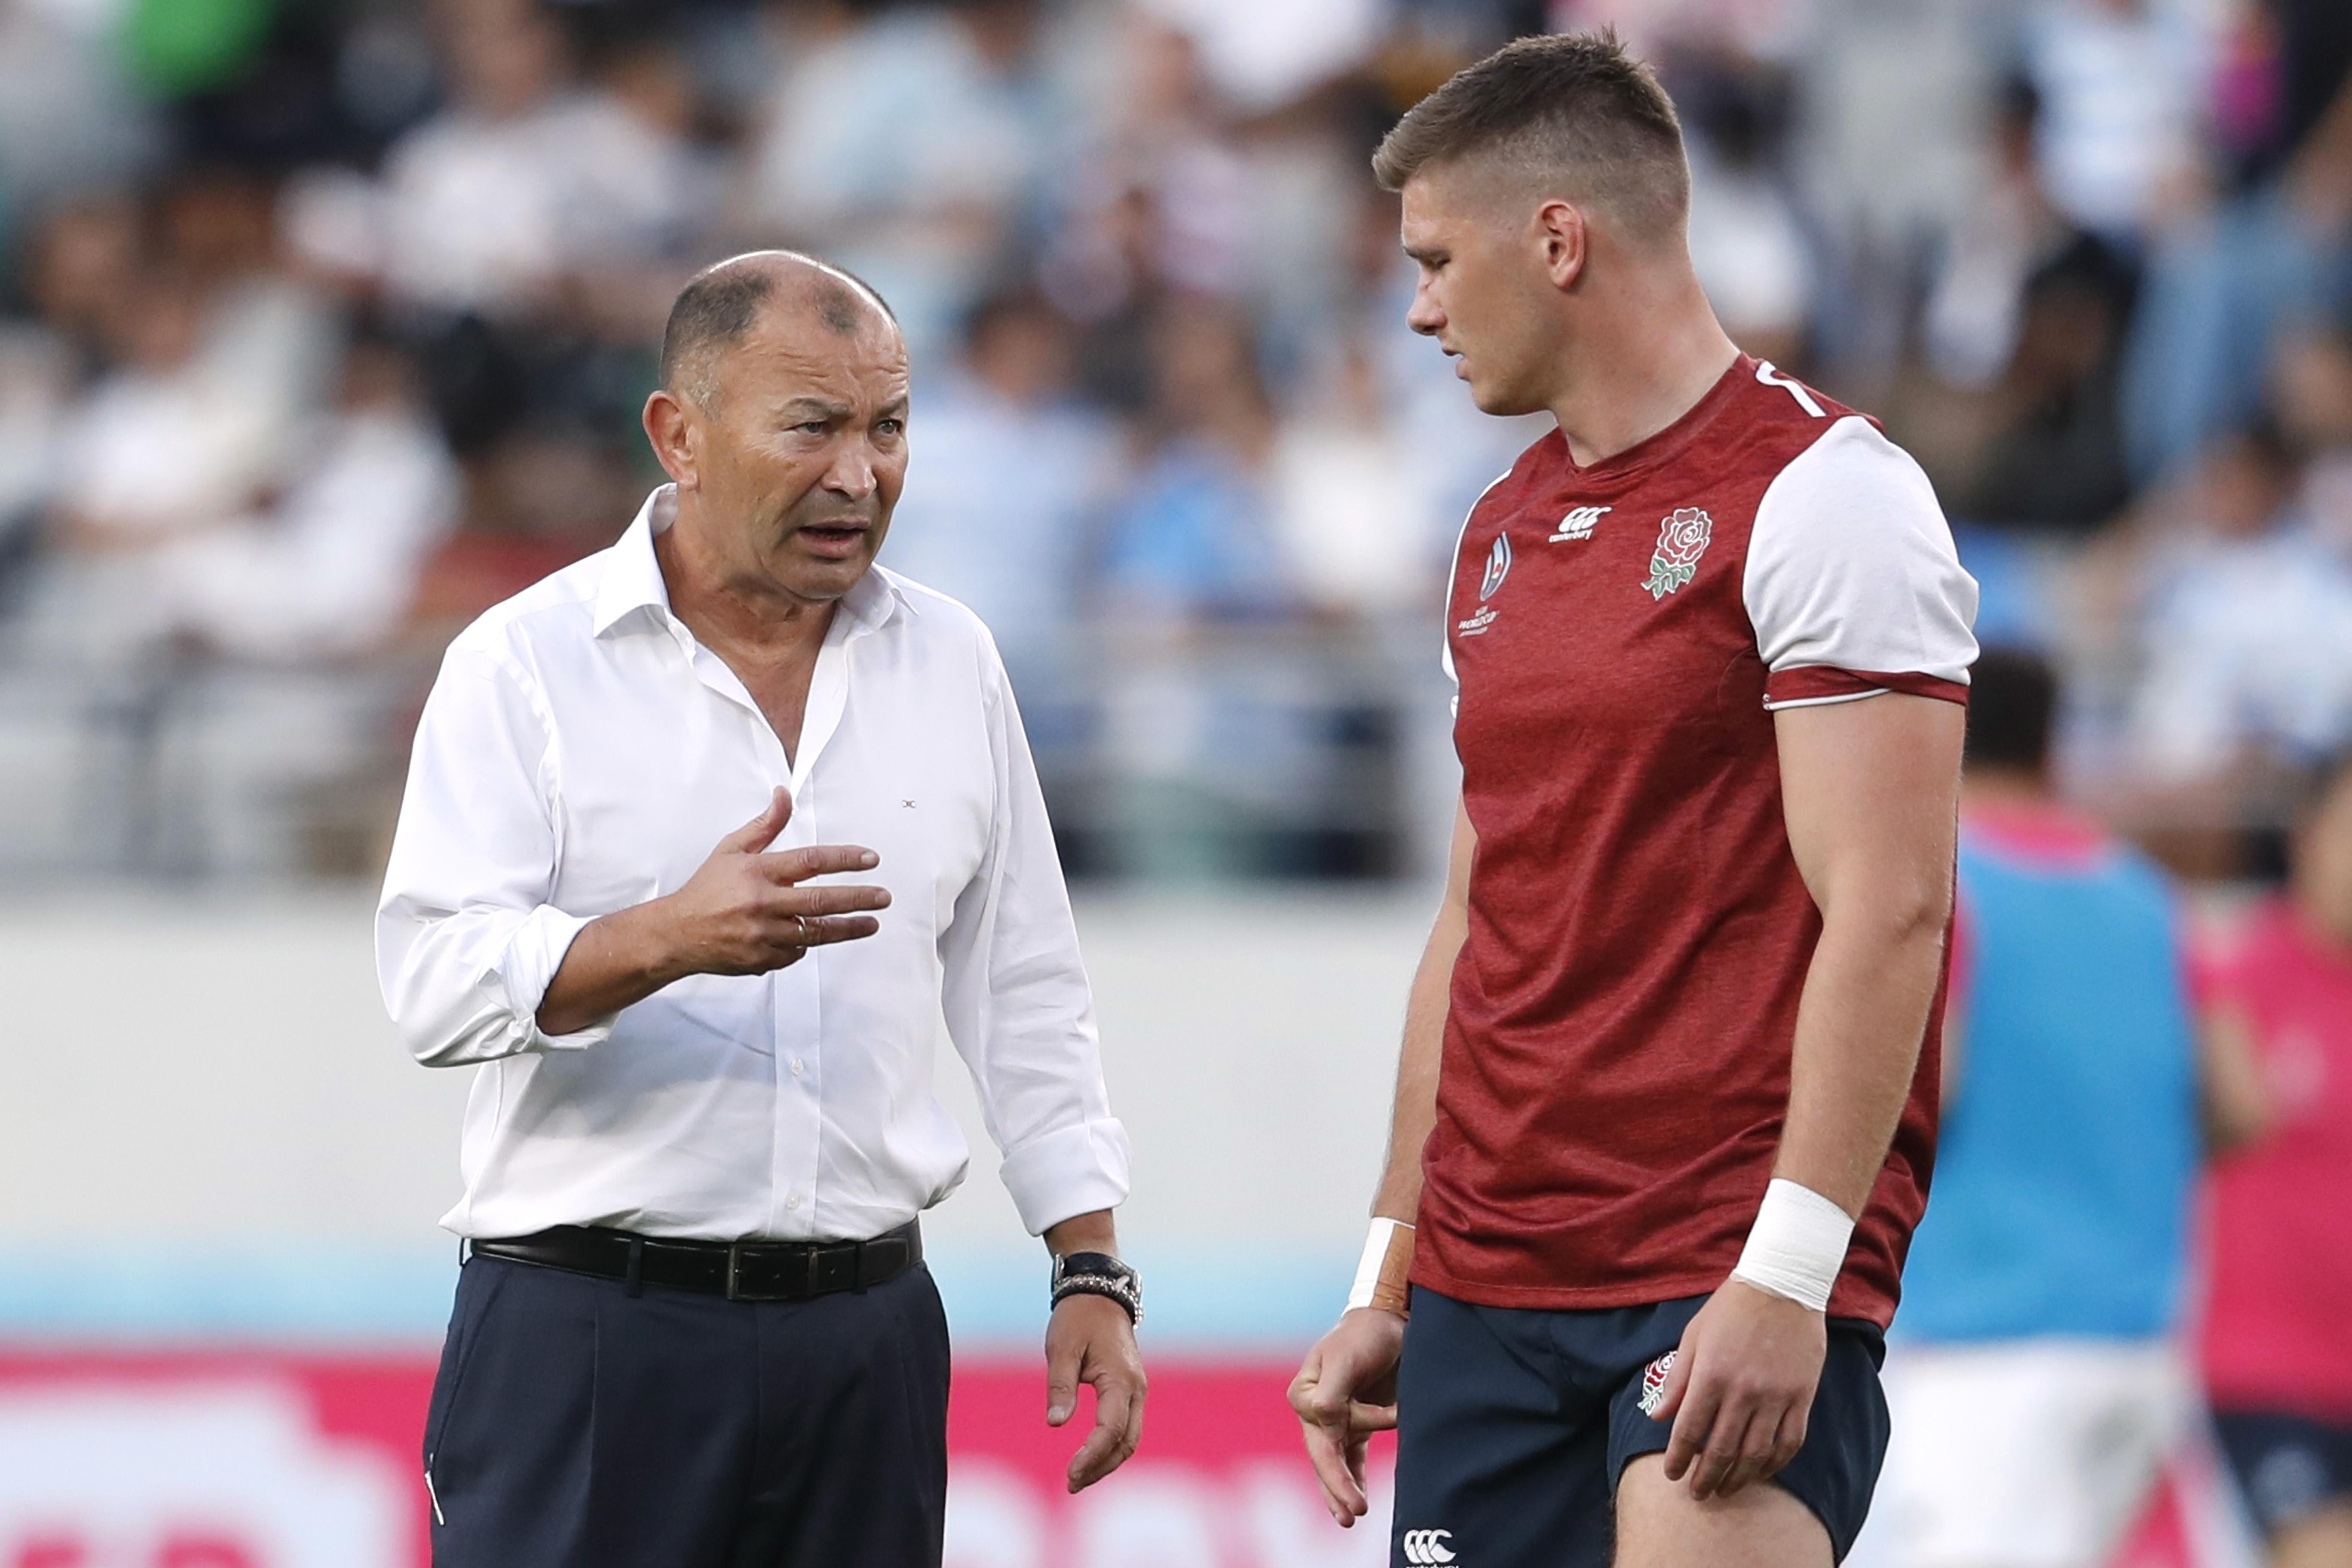 Rugby - Coupe du monde 2019 - Coupe du monde de rugby : les Anglais veulent-ils remporter le Crunch contre la France ?